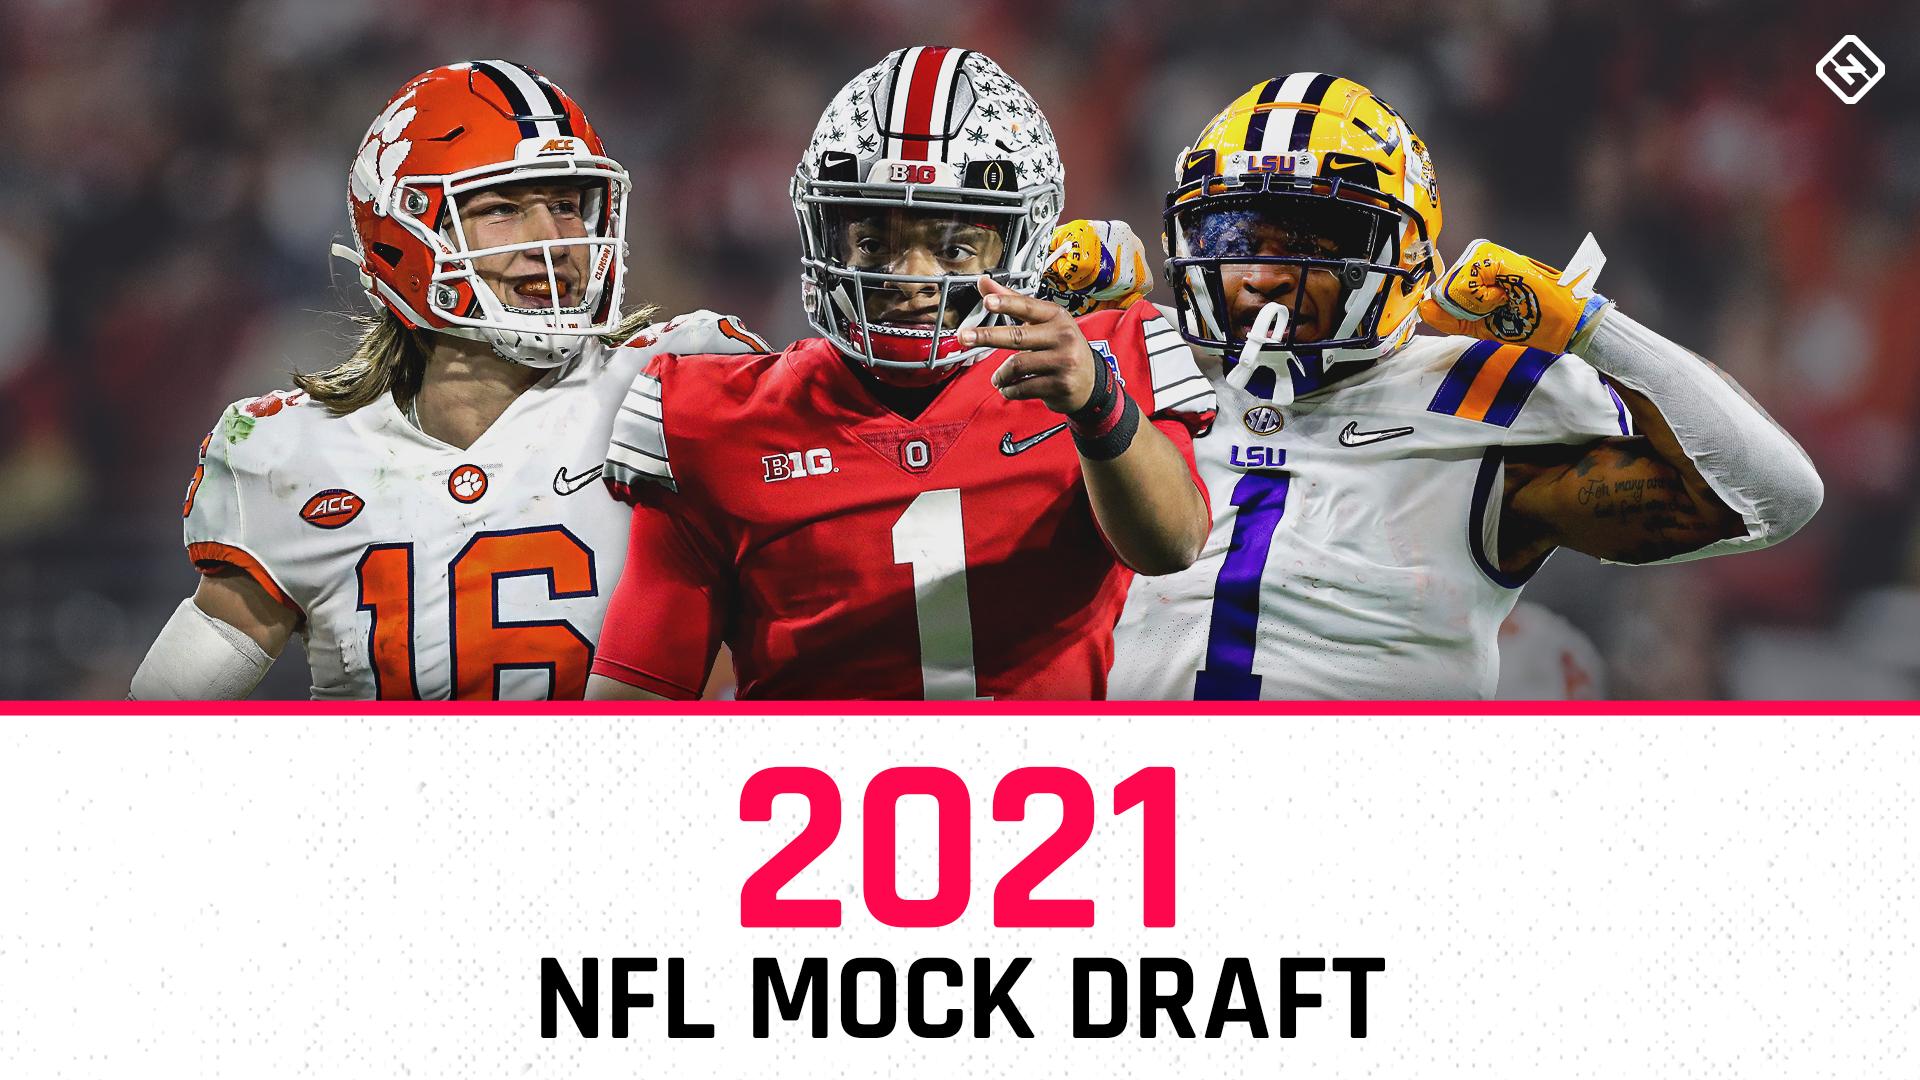 nfl mock draft 2021 predicting where trevor